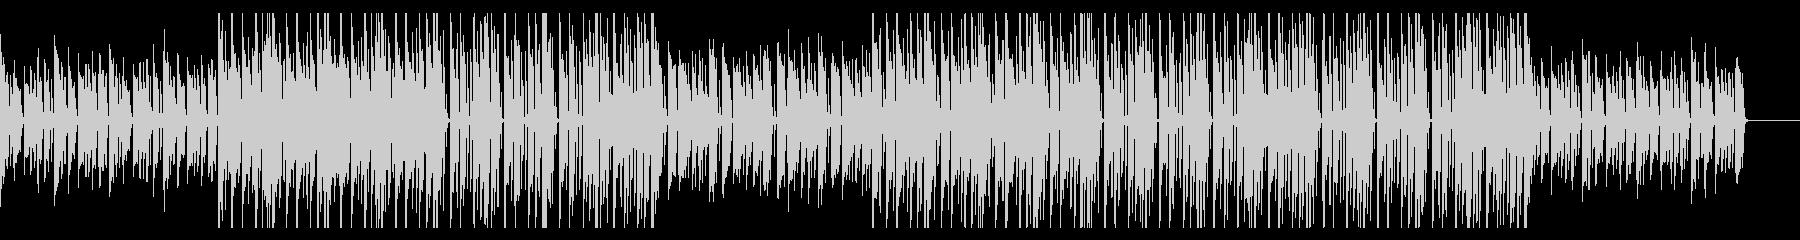 切ないピアノ伴奏 トラップ風BGMの未再生の波形